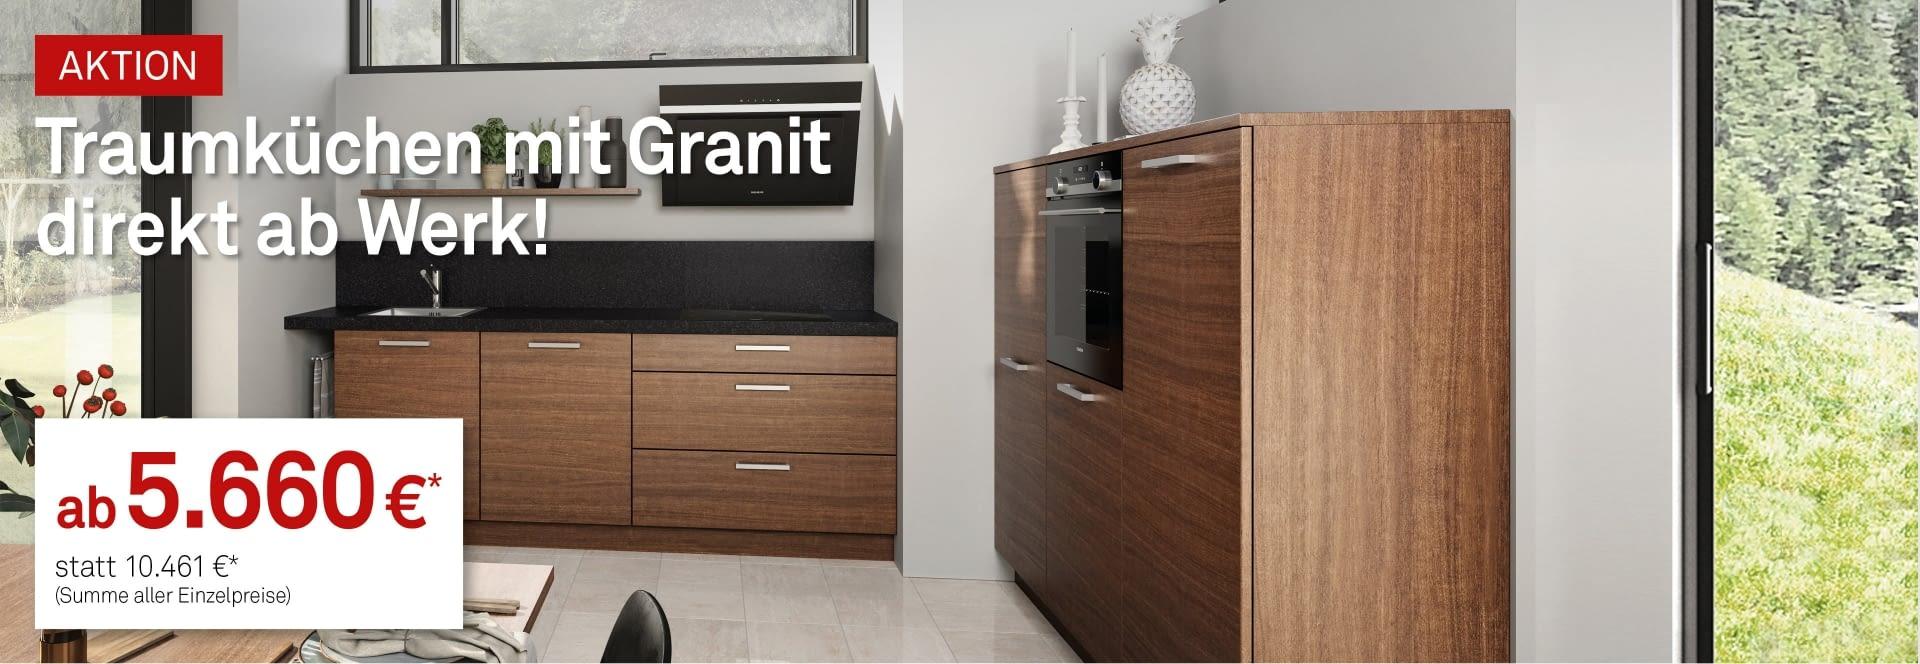 k chen mit granit zum top preis. Black Bedroom Furniture Sets. Home Design Ideas